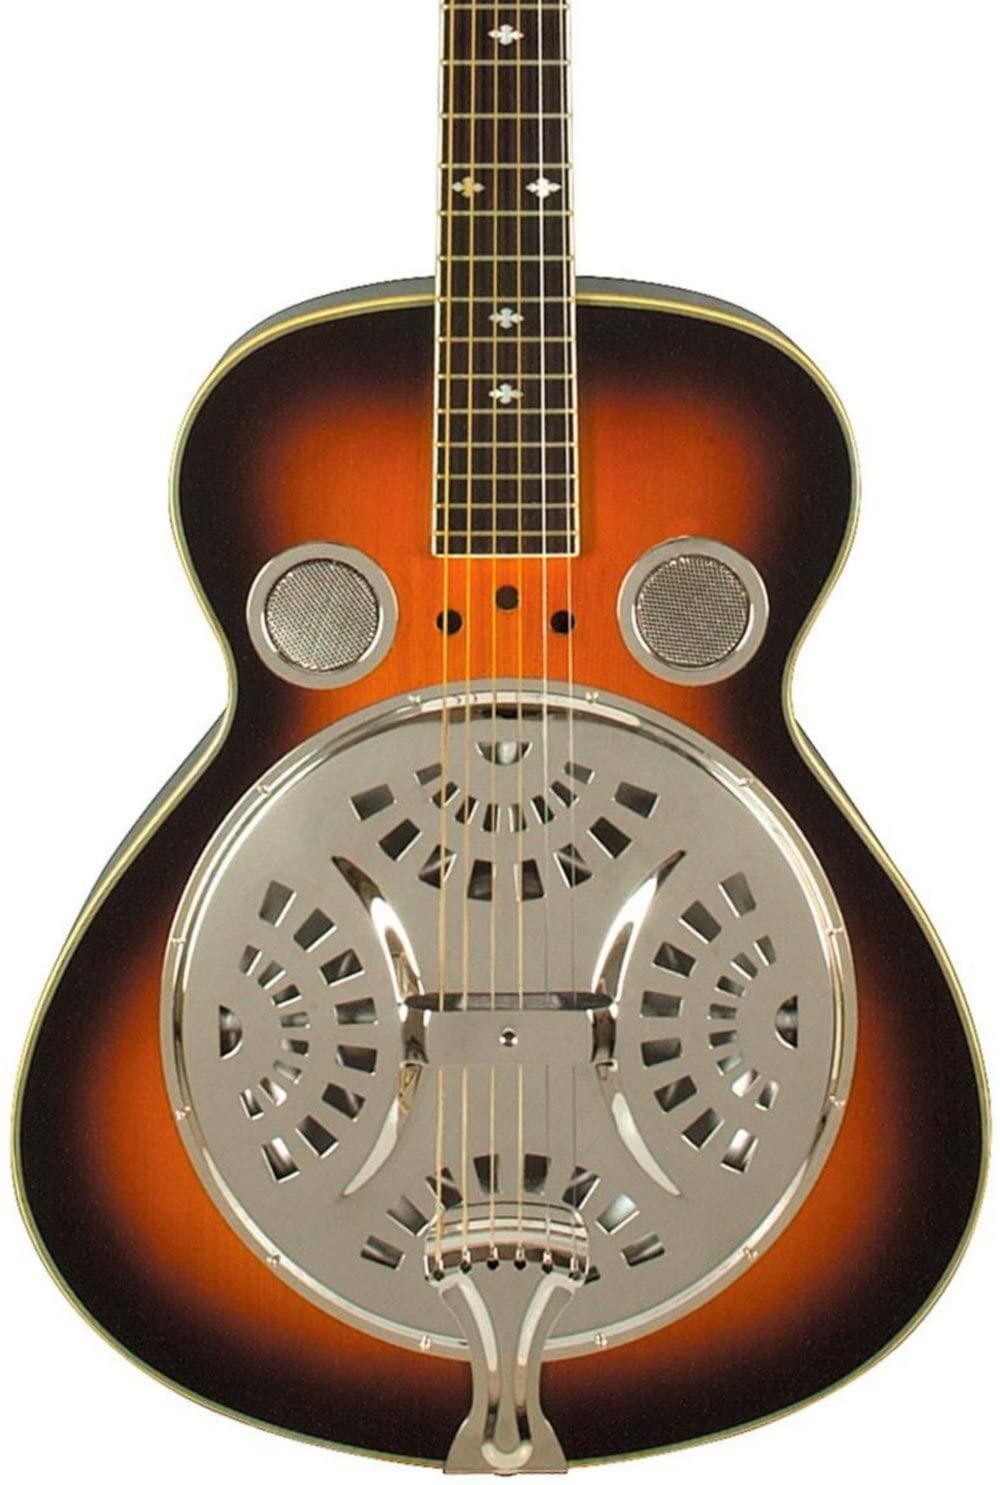 Rogue Classic Spider - Acoustic Guitar Resonators